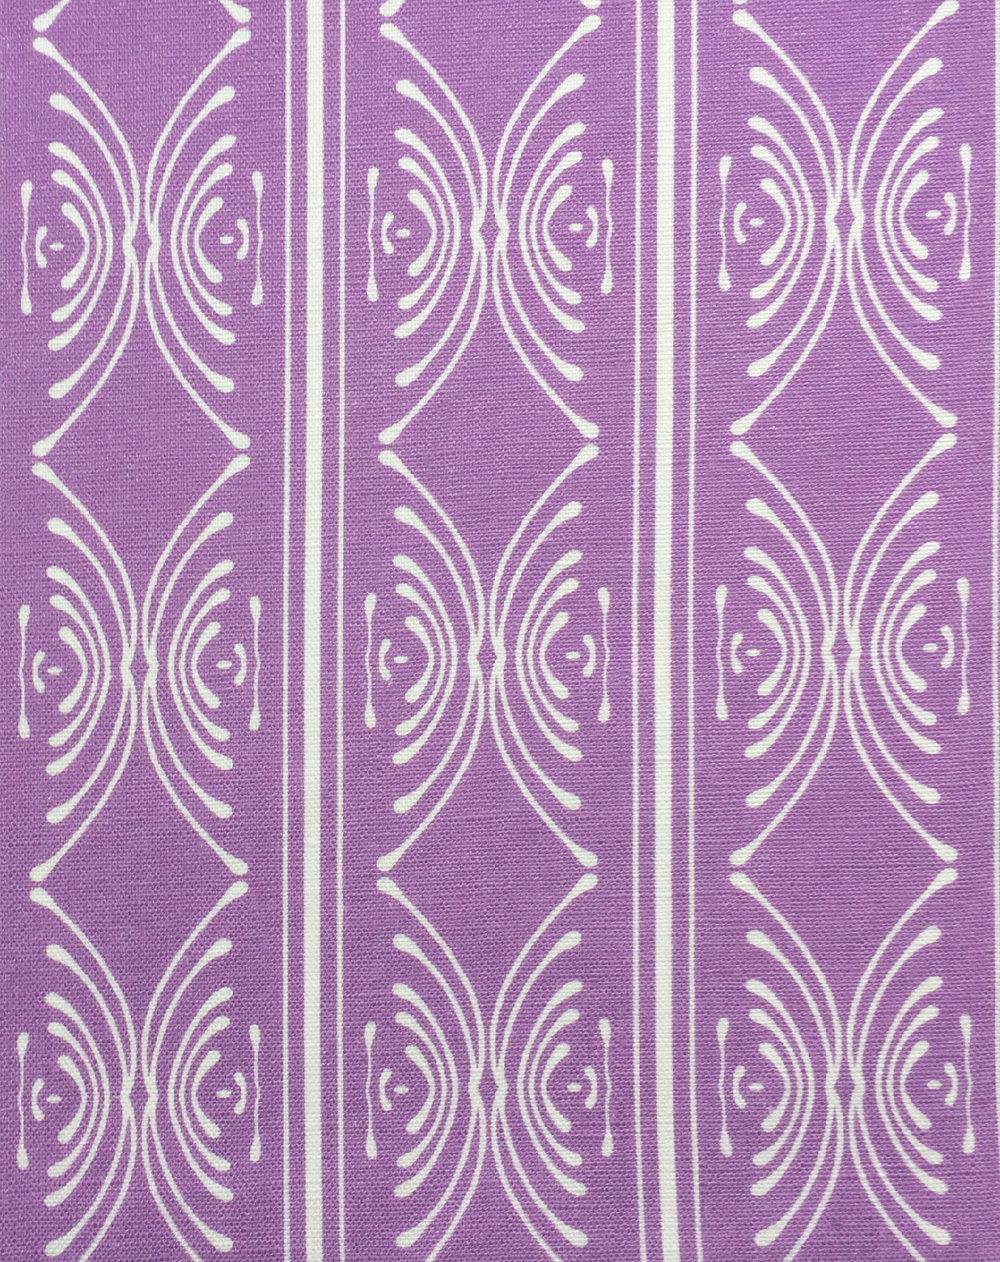 Small Kris Kross: Lilac